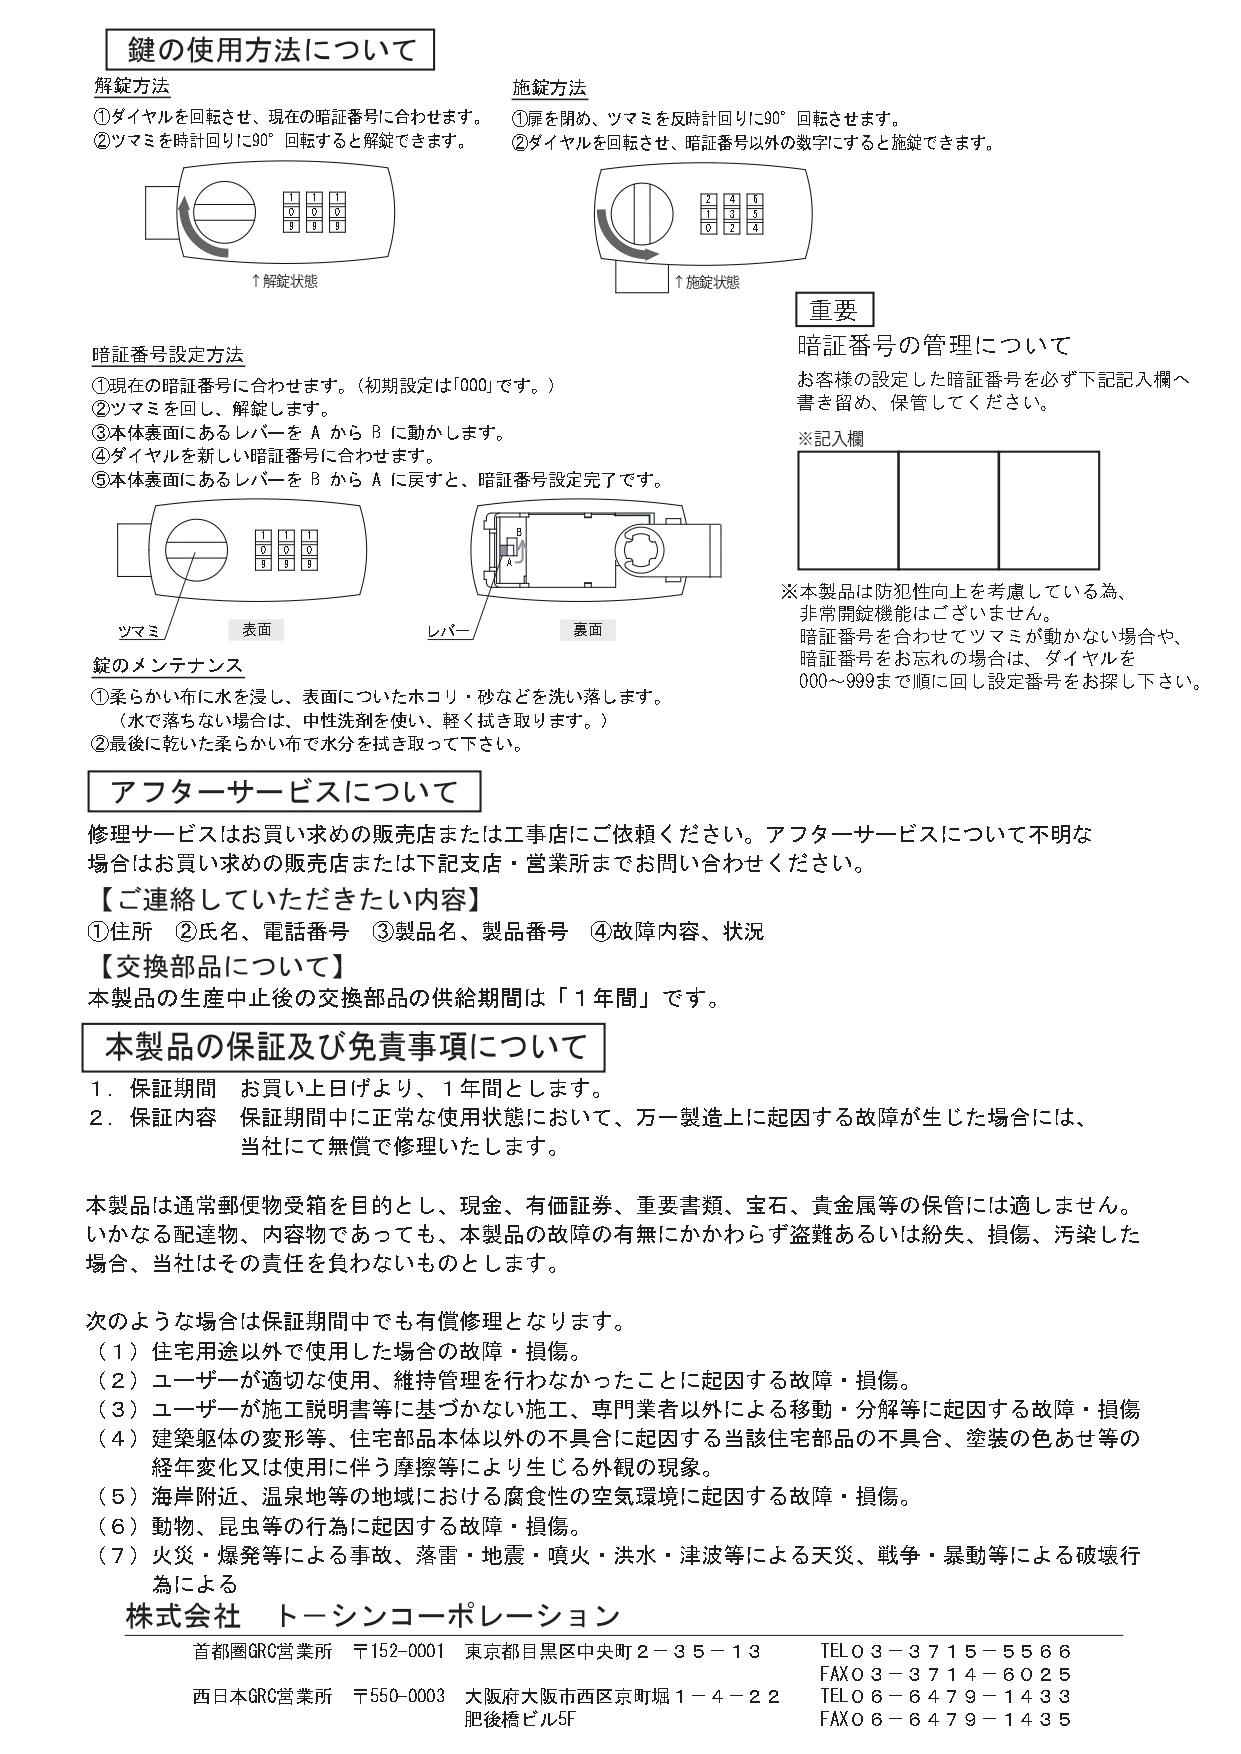 アンマルカートデュオ 施工説明書_page-0002